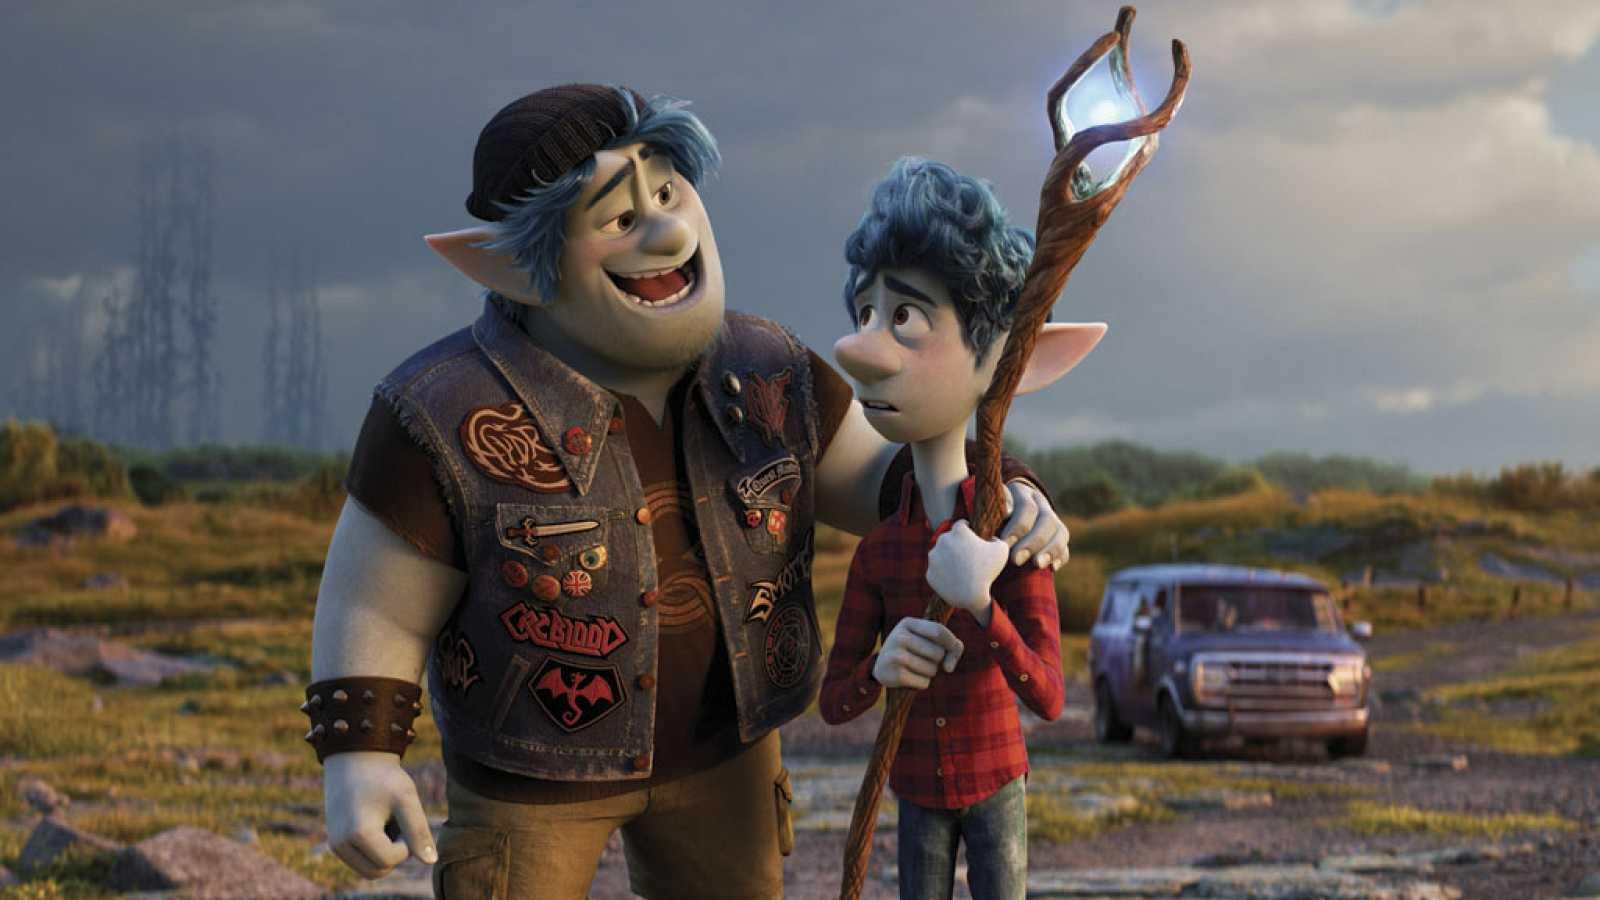 La magia y los seres fantásticos llegan a Pixar con 'Onward'